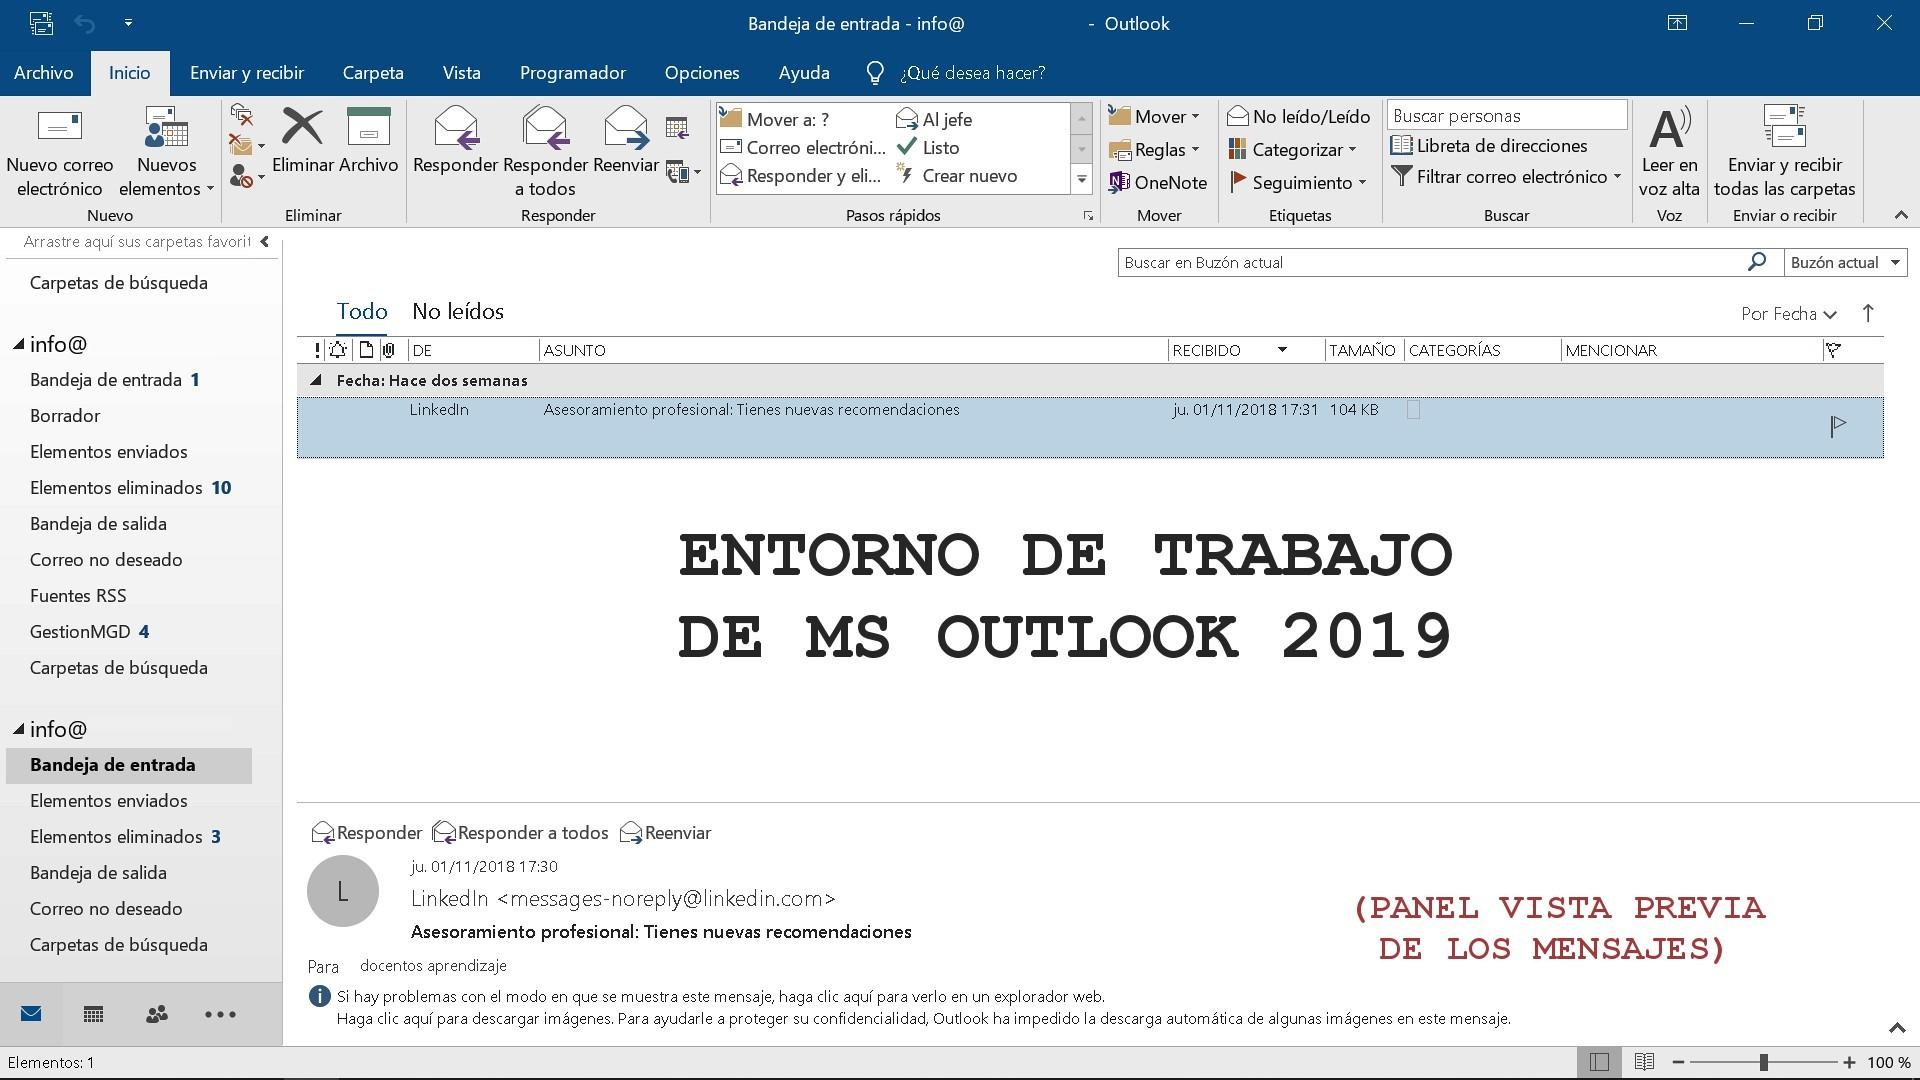 imprimir calendario 2019 mexico mas caliente a las macros en excel nos encontramos ante el mc2b3dulo 11 macros of imprimir calendario 2019 mexico